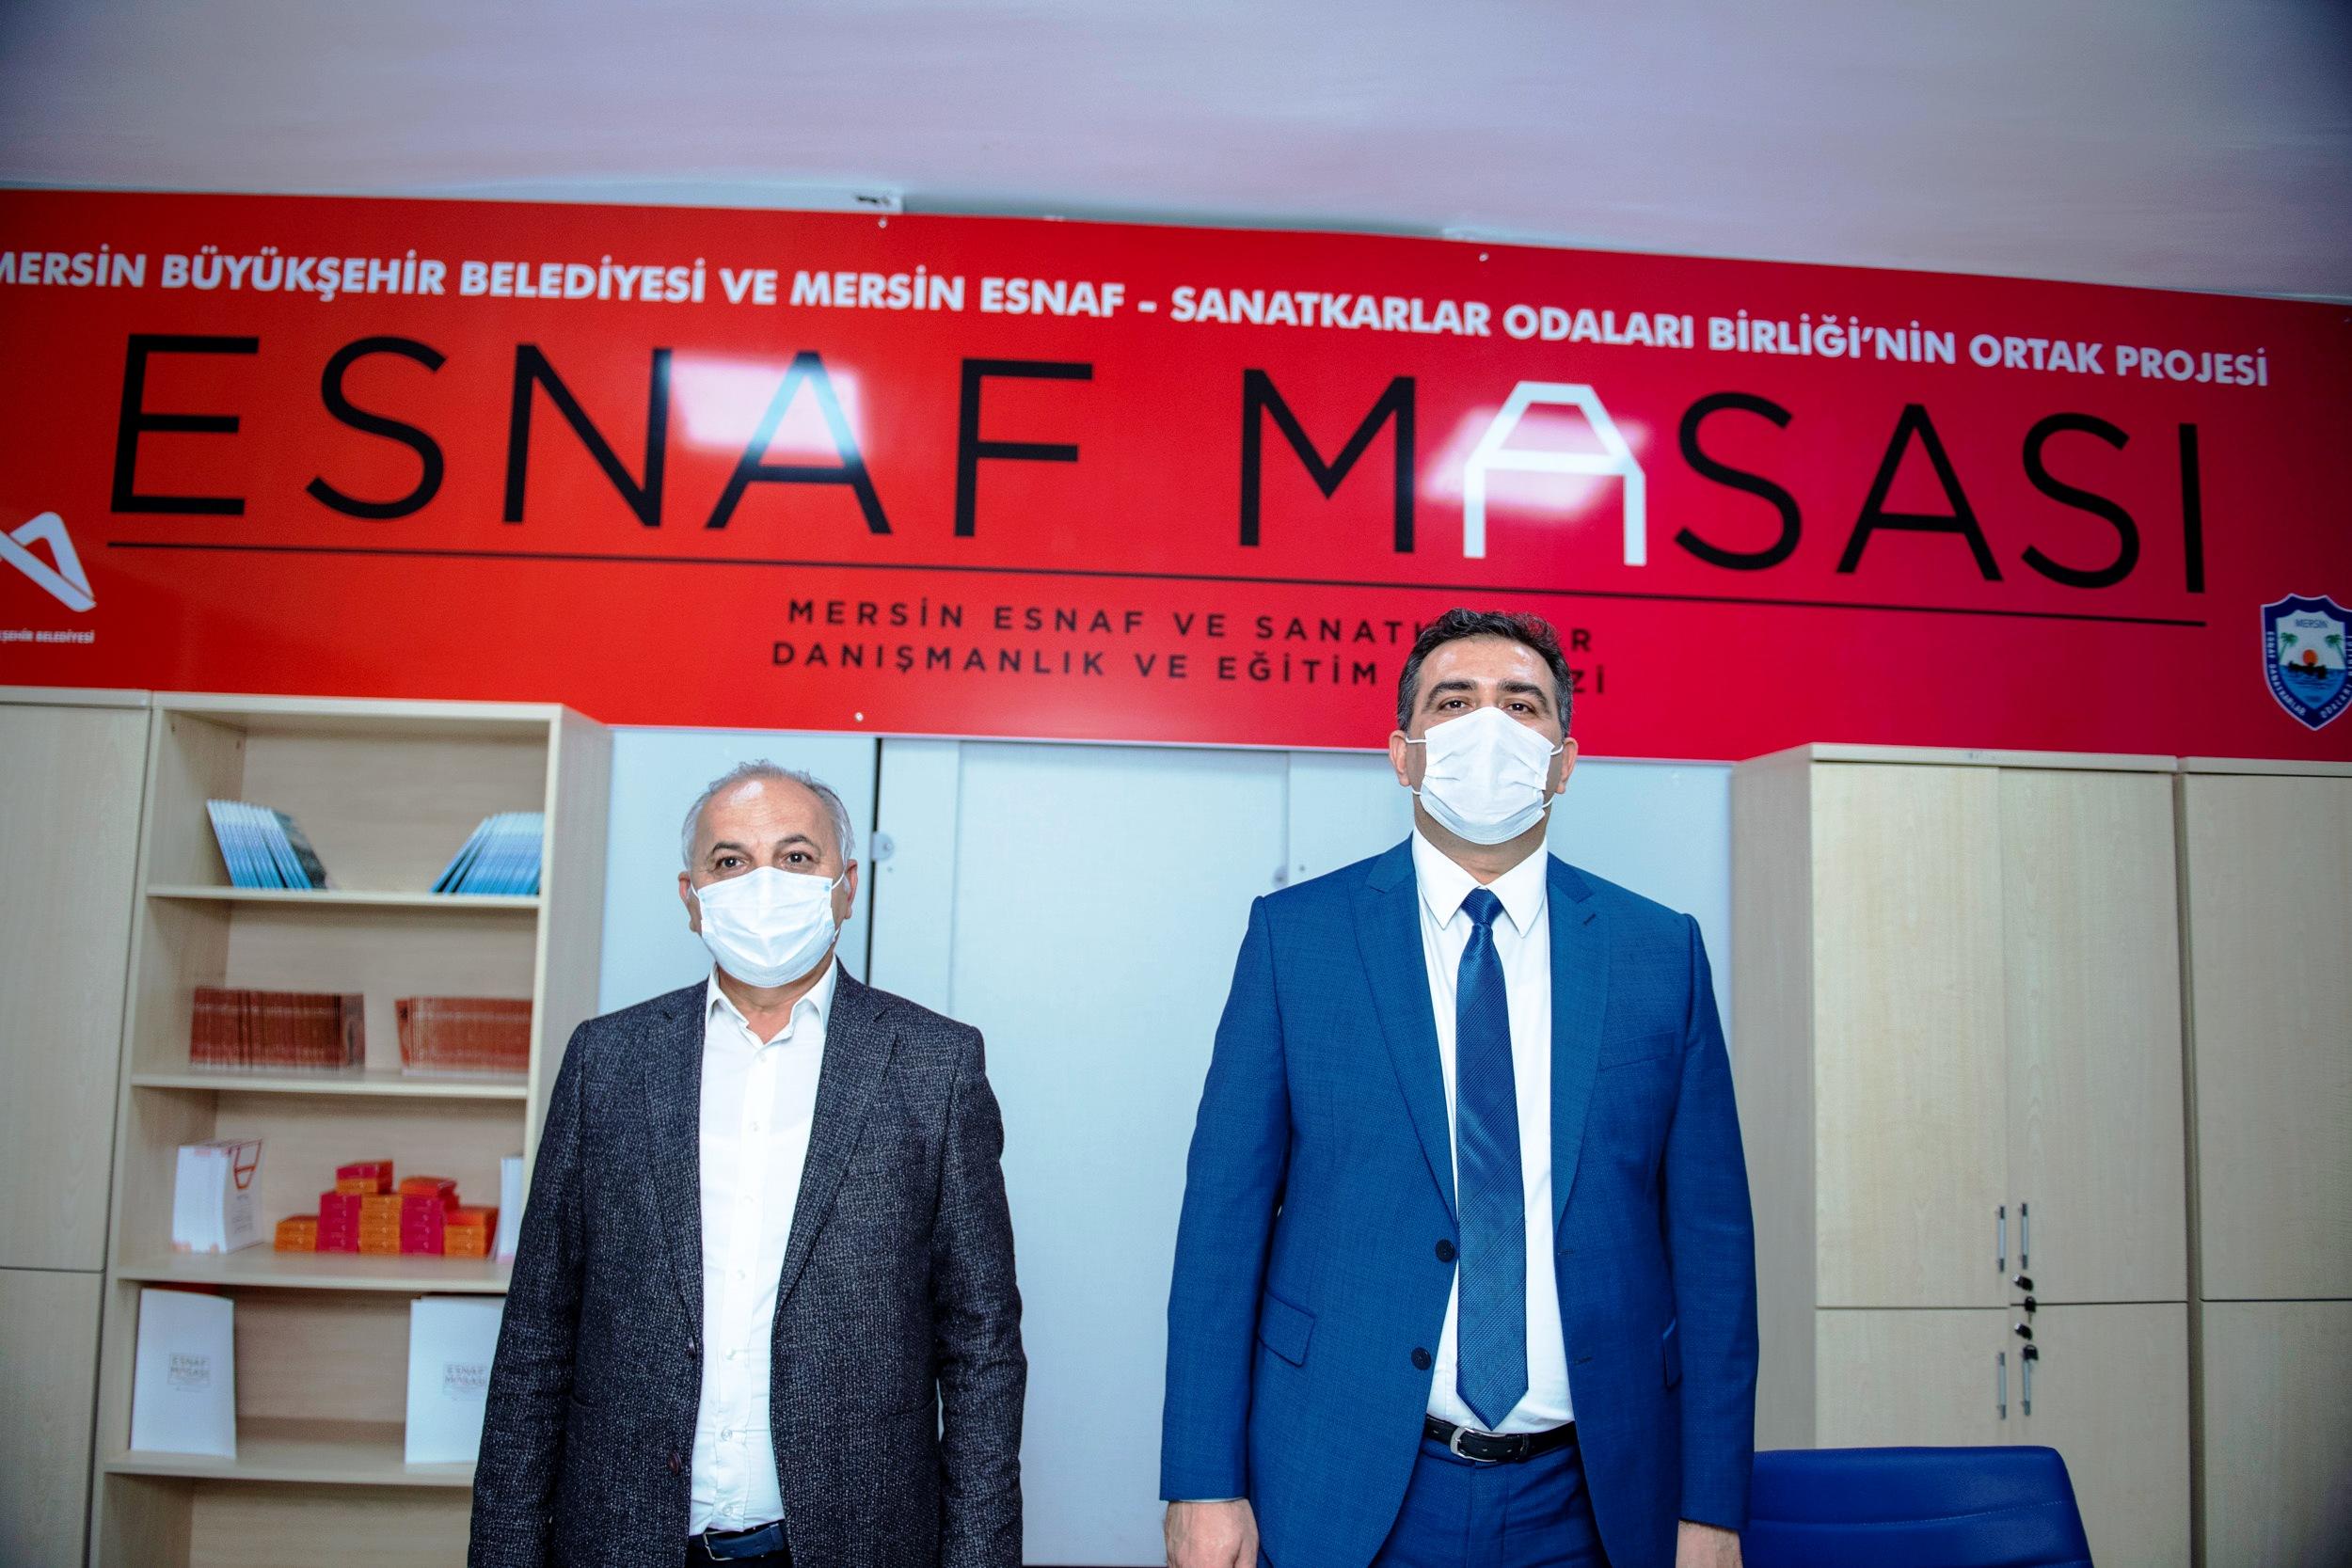 ESNAFA SU FATURASI DESTEĞİ İÇİN BAŞVURULAR ALINMAYA BAŞLADI